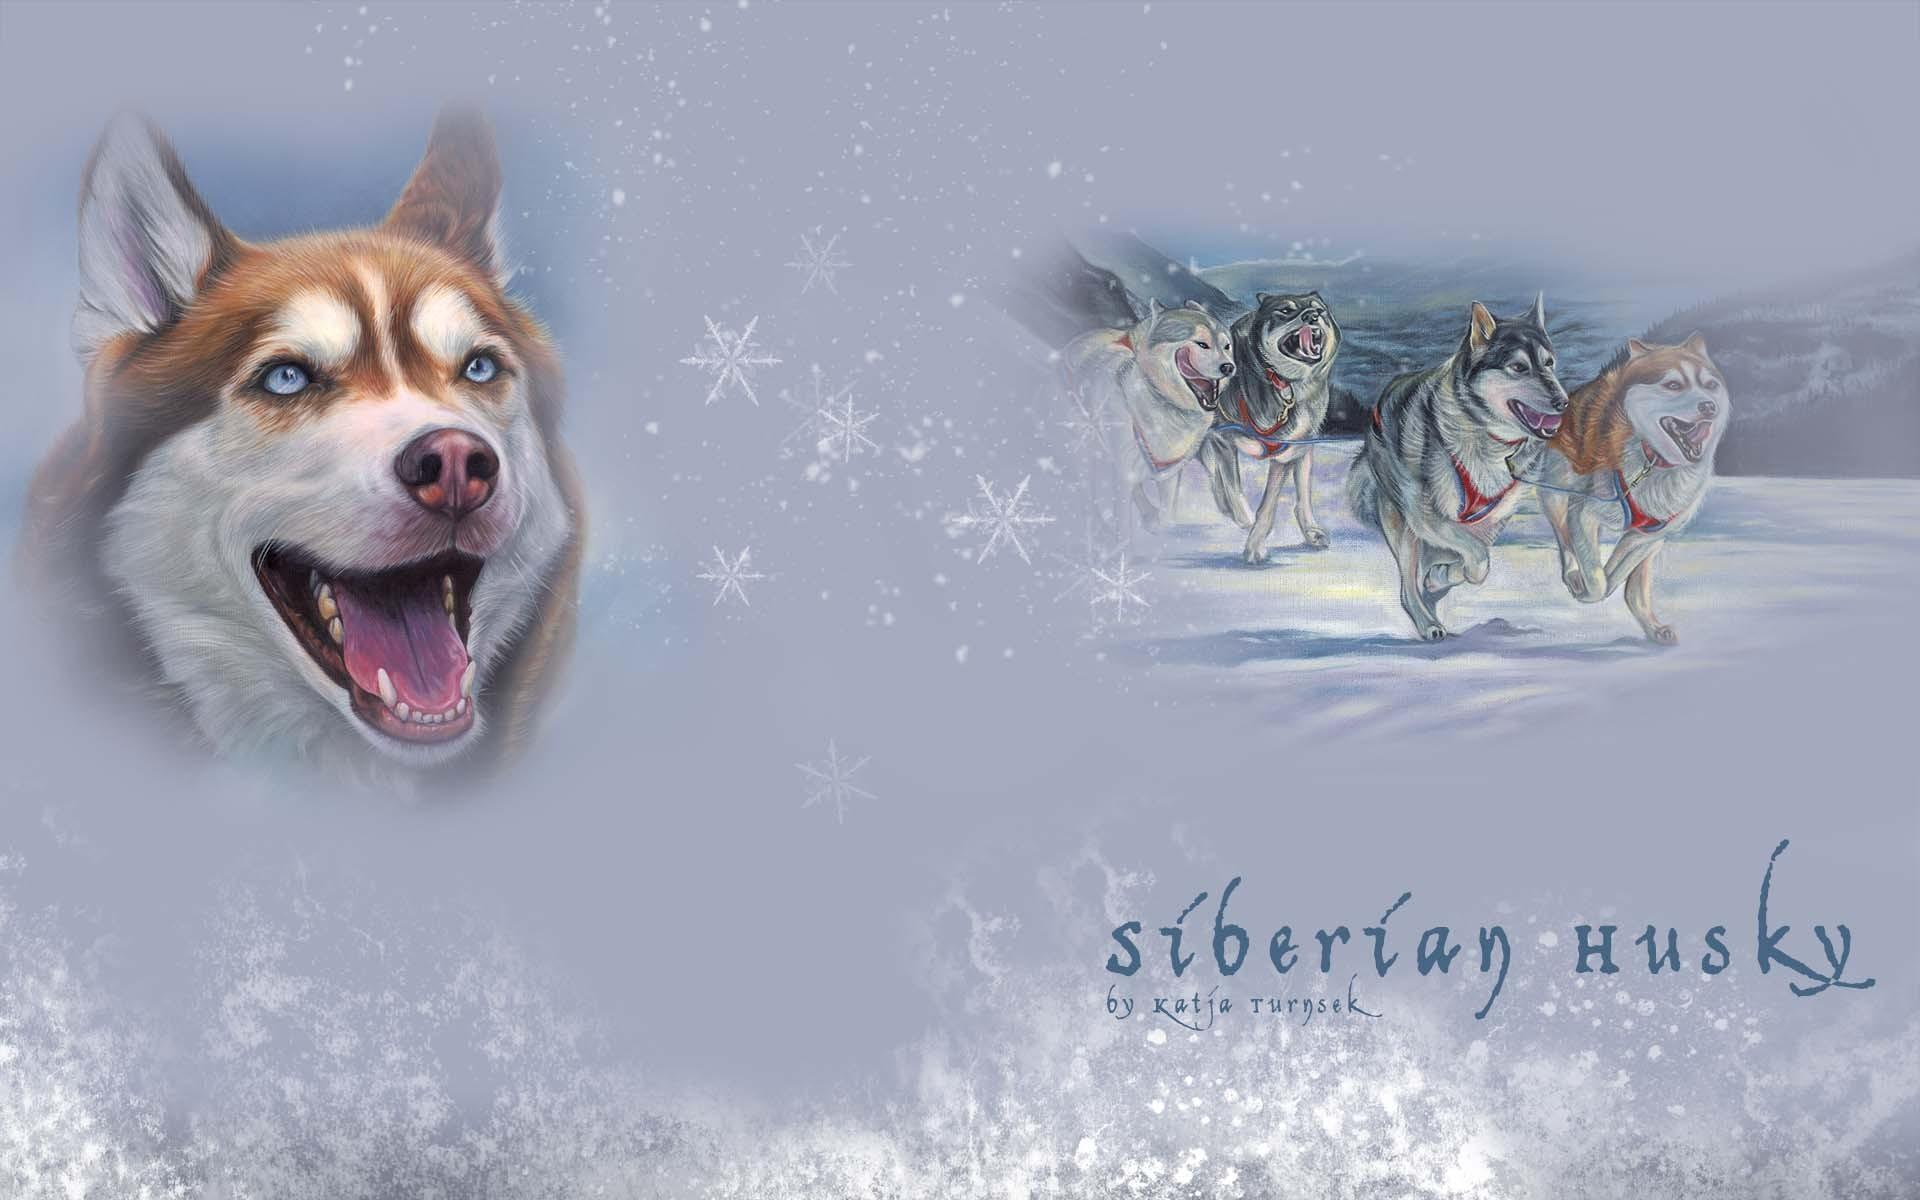 Siberian Husky Fondos De Pantalla, Fondos De Escritorio